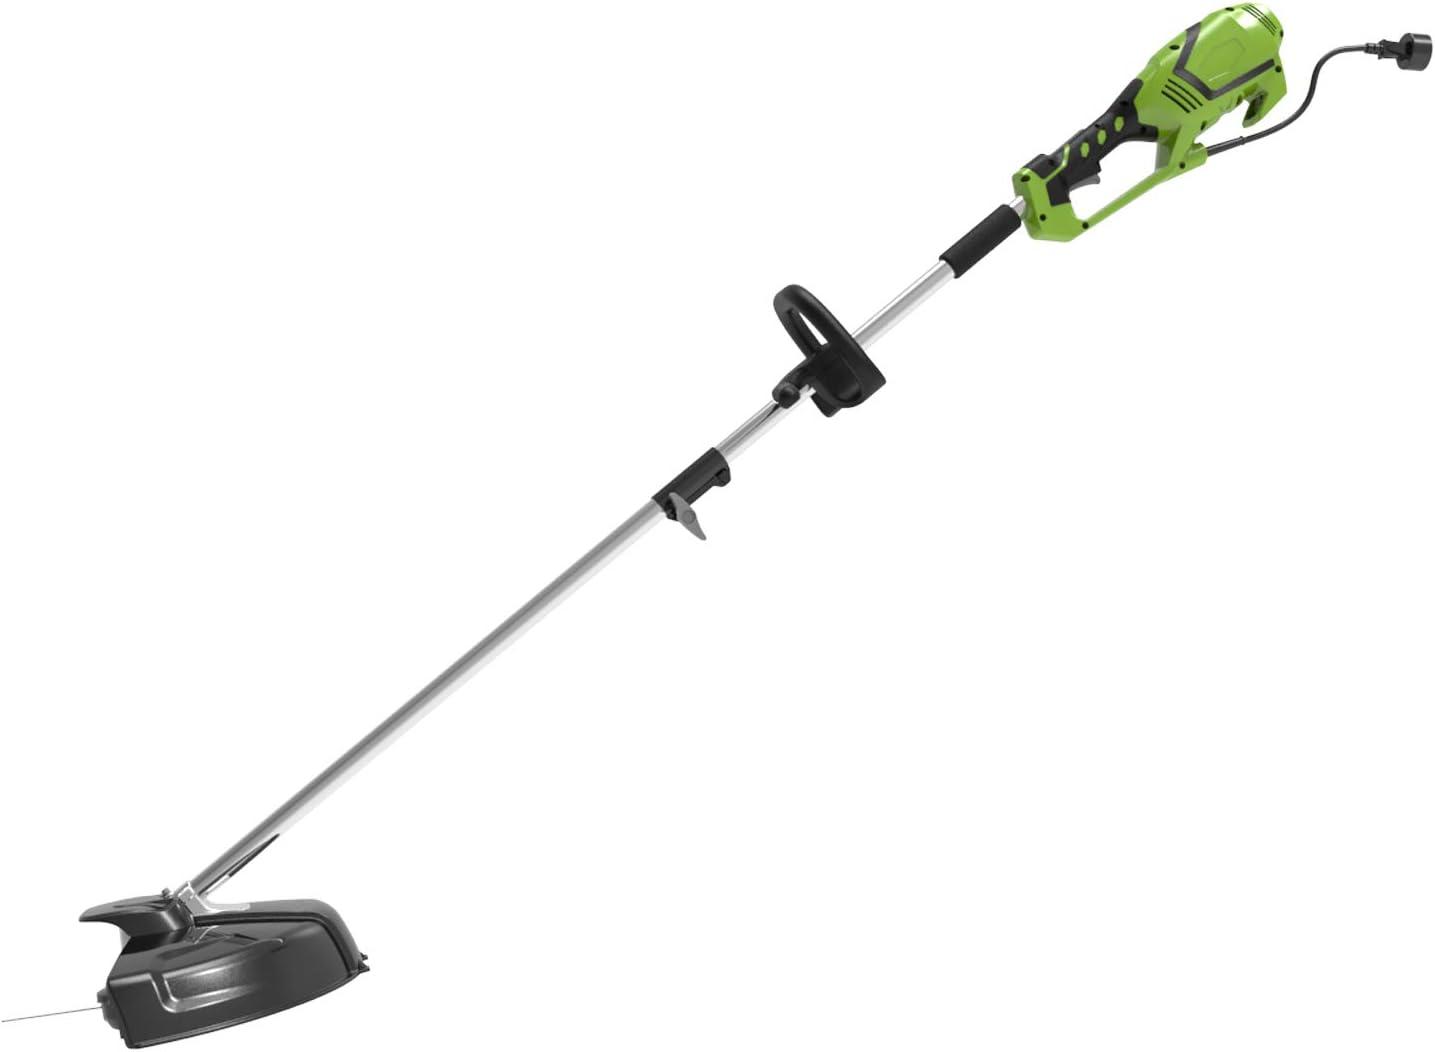 Greenworks Tools 1301807 Desbrozadora y Cortabordes Eléctrico, 1200 W, 230 V, Verde